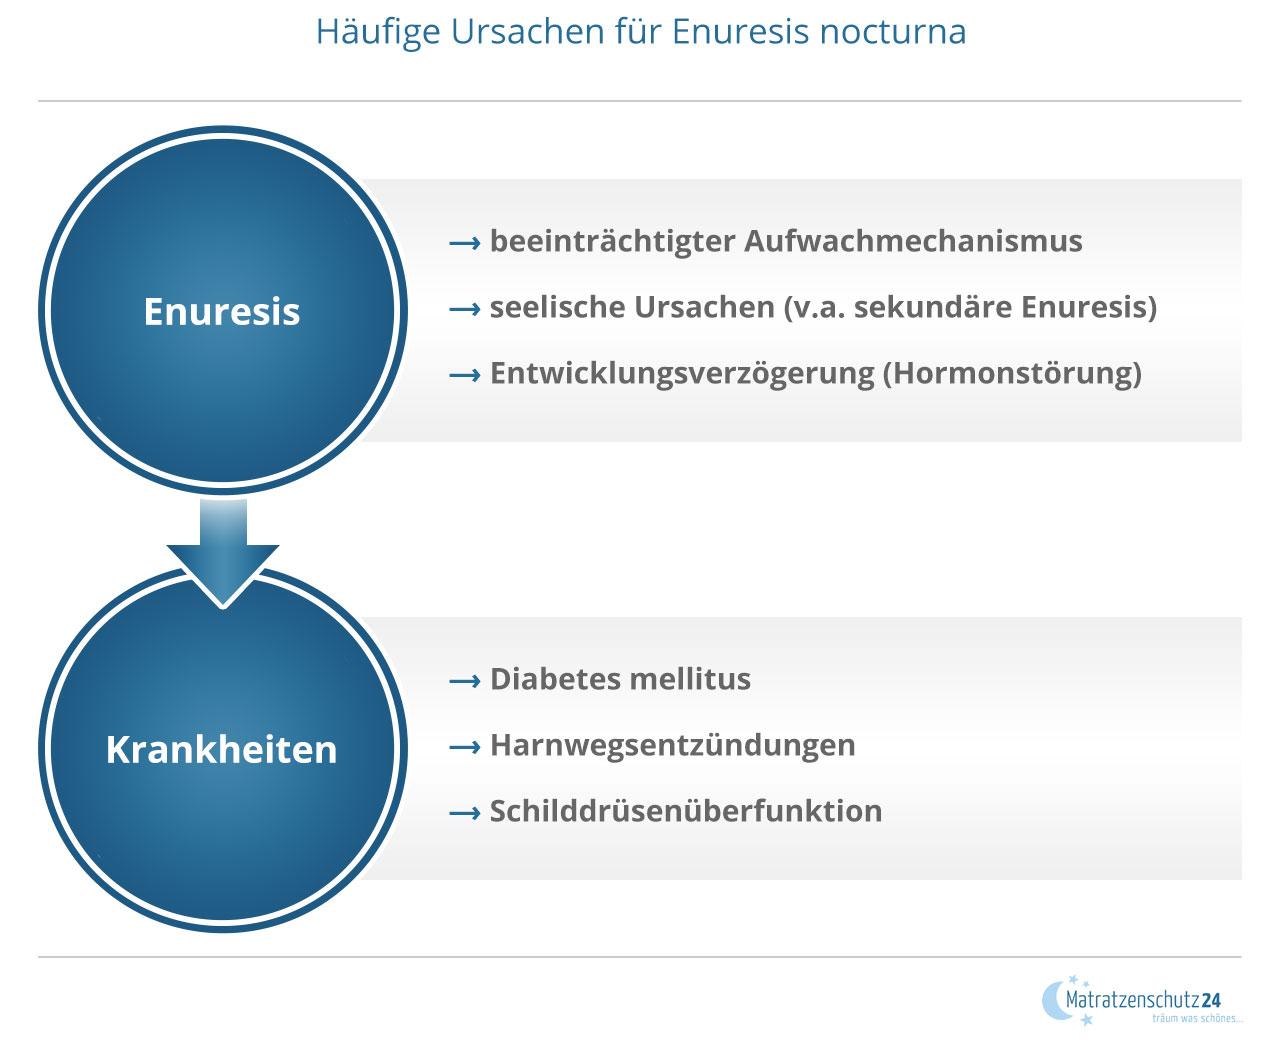 Grafik zeigt mögliche Ursachen einer Enuresis